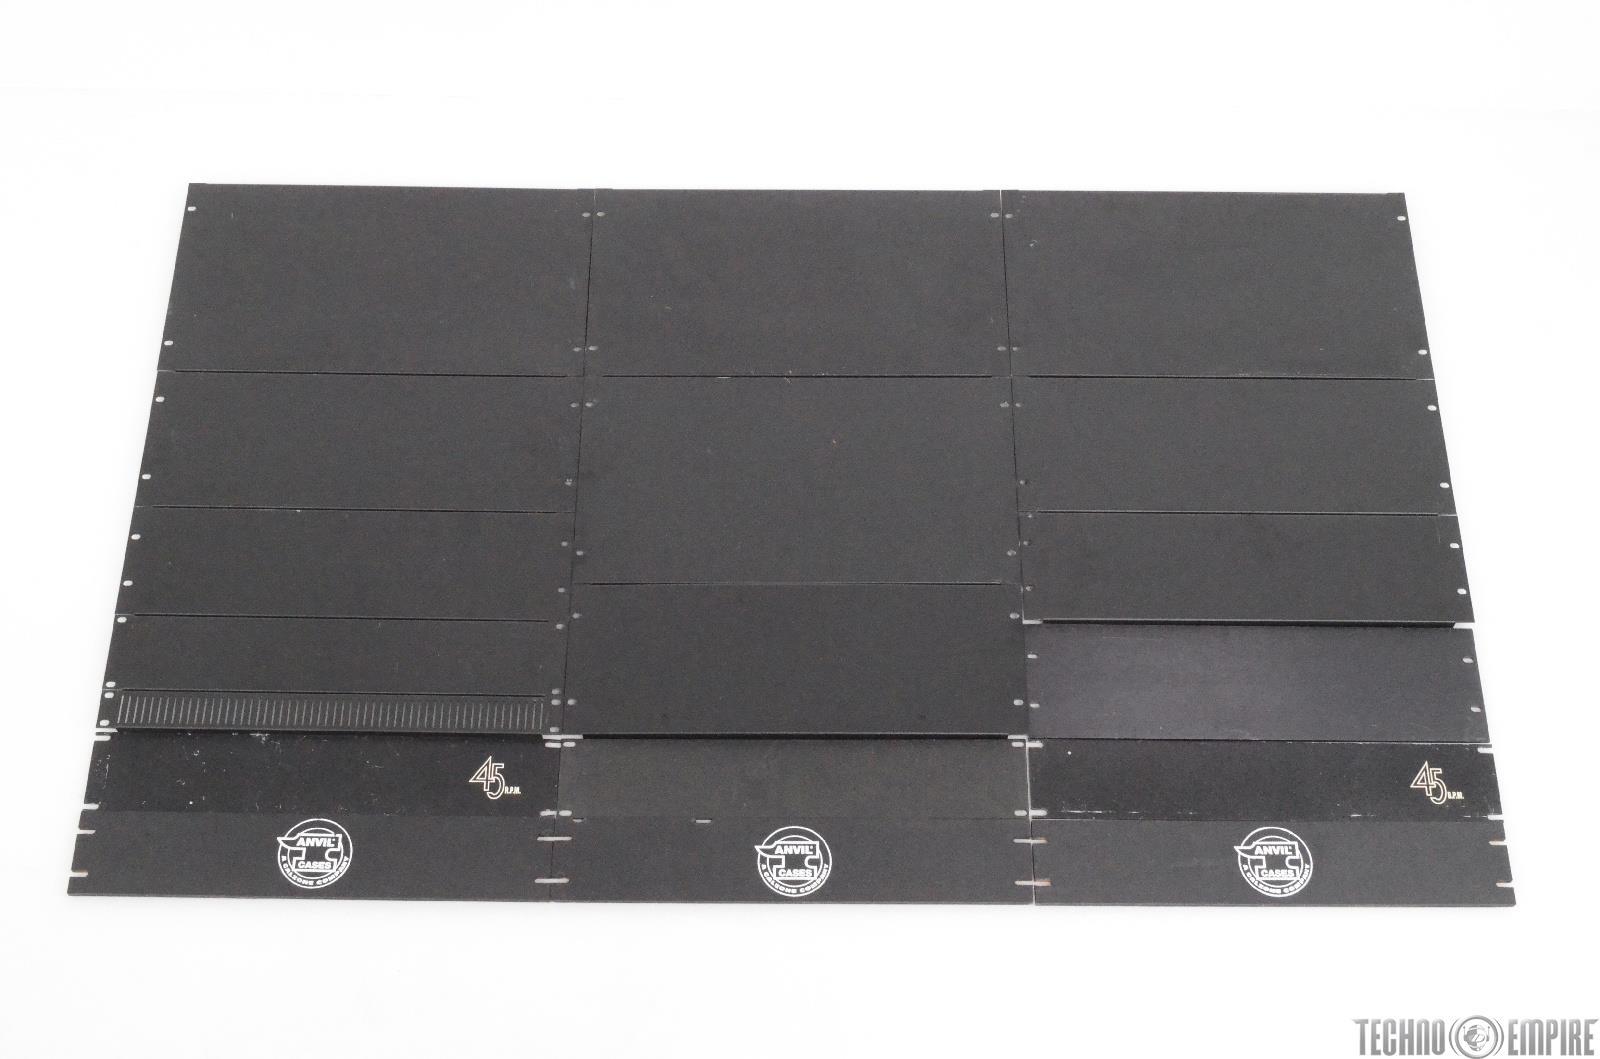 18 Blank Spacers Rack Mount Filler Panels Middle Atlantic 1U 2U 3U 4U 6U #29475